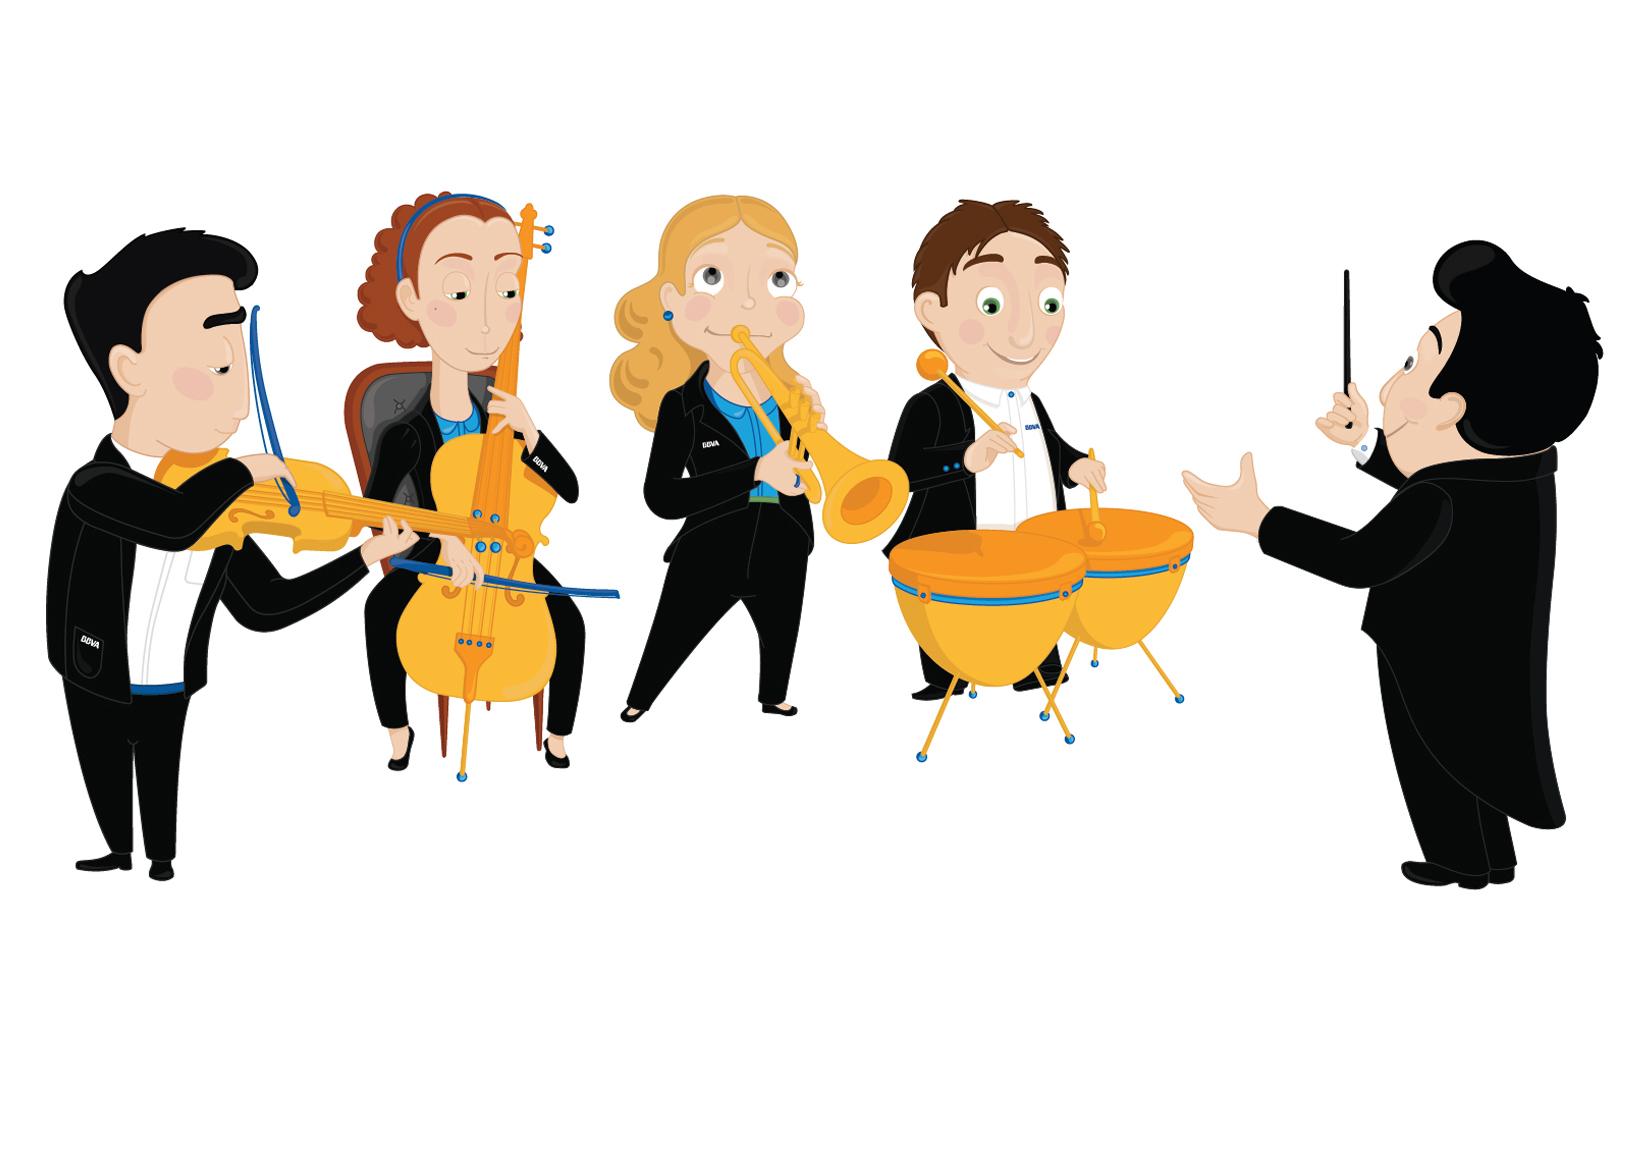 Orquestra De Shegundo Galarza Shegundo Galarza e Orquestra com Margarida Amaral - Heidi 3